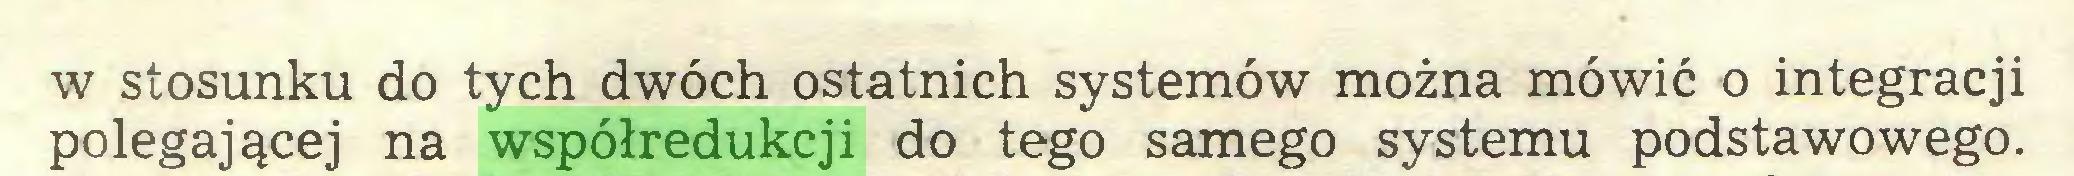 (...) w stosunku do tych dwóch ostatnich systemów można mówić o integracji polegającej na współredukcji do tego samego systemu podstawowego...